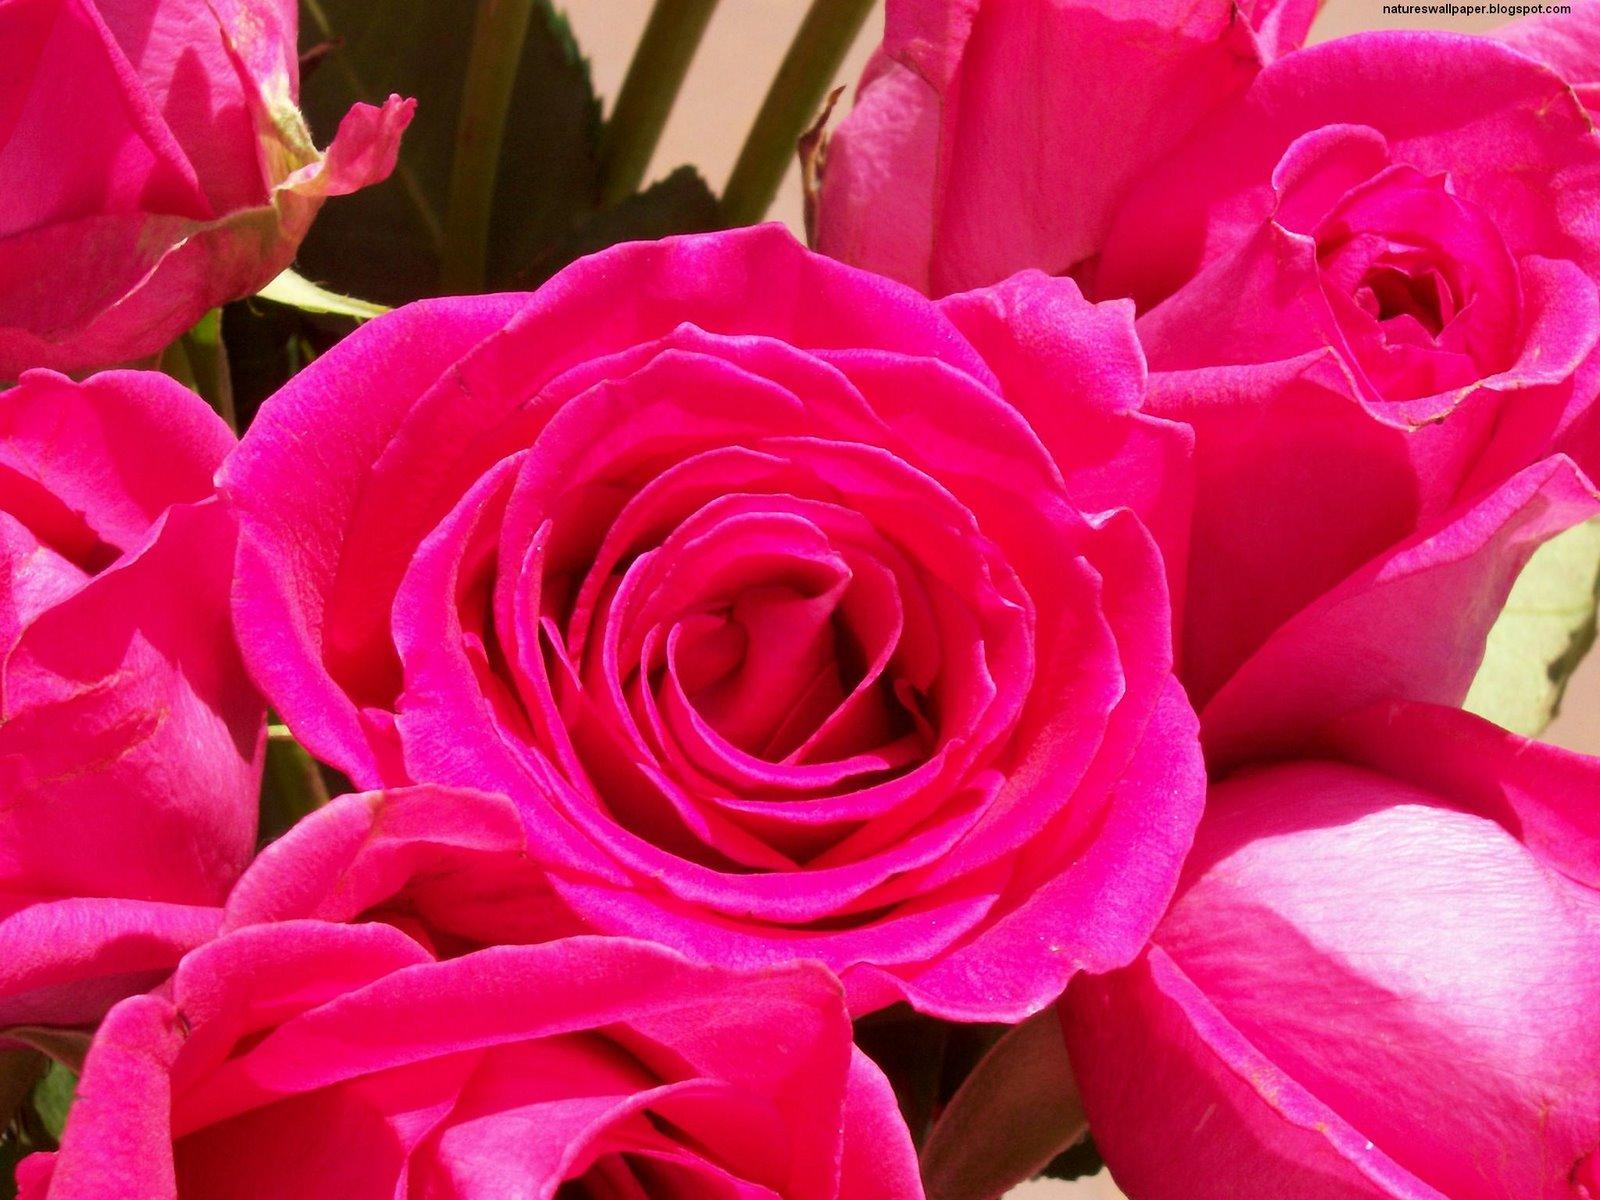 [2+dozen+pink+roses.jpg]